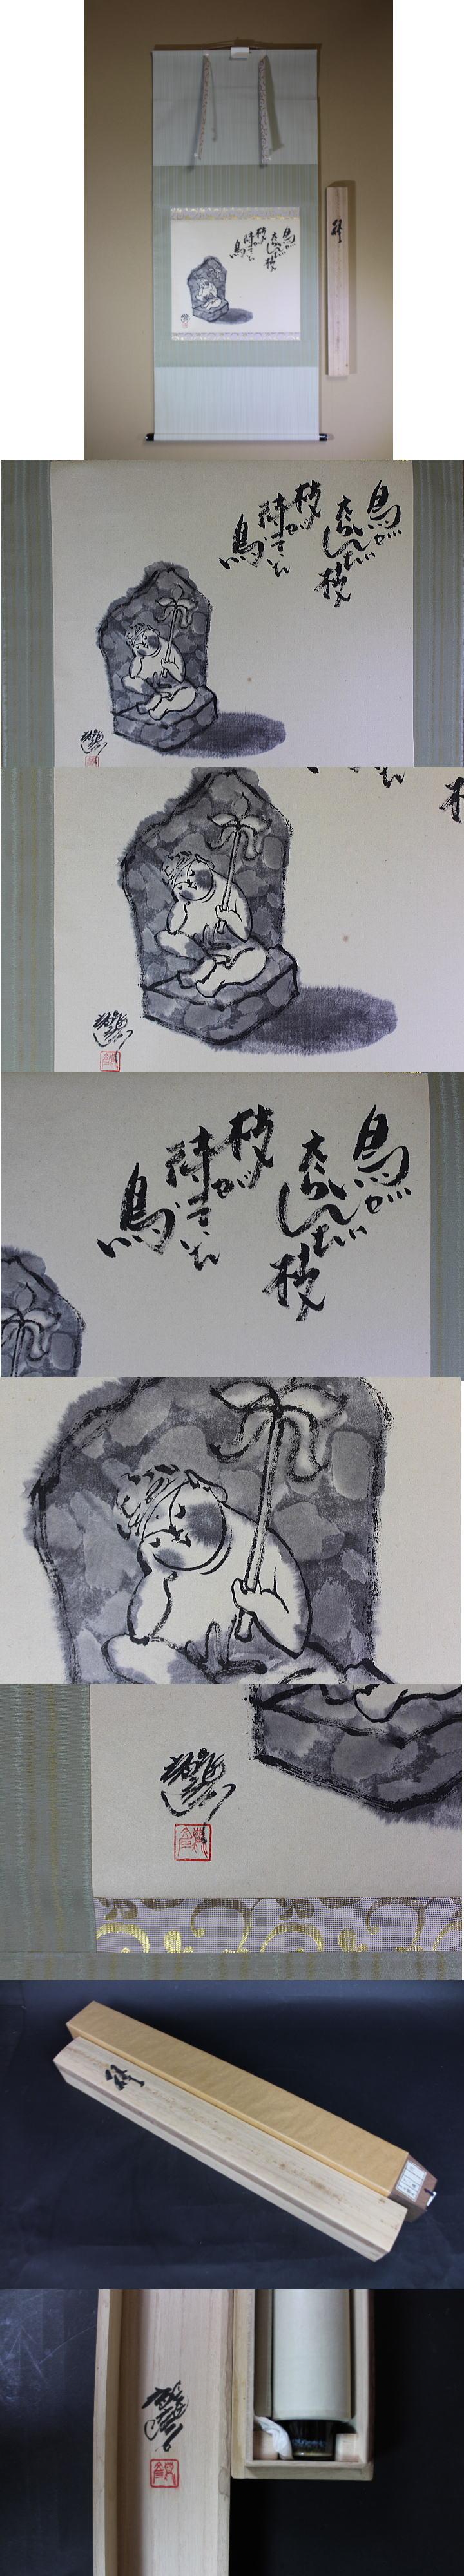 jikukeitori